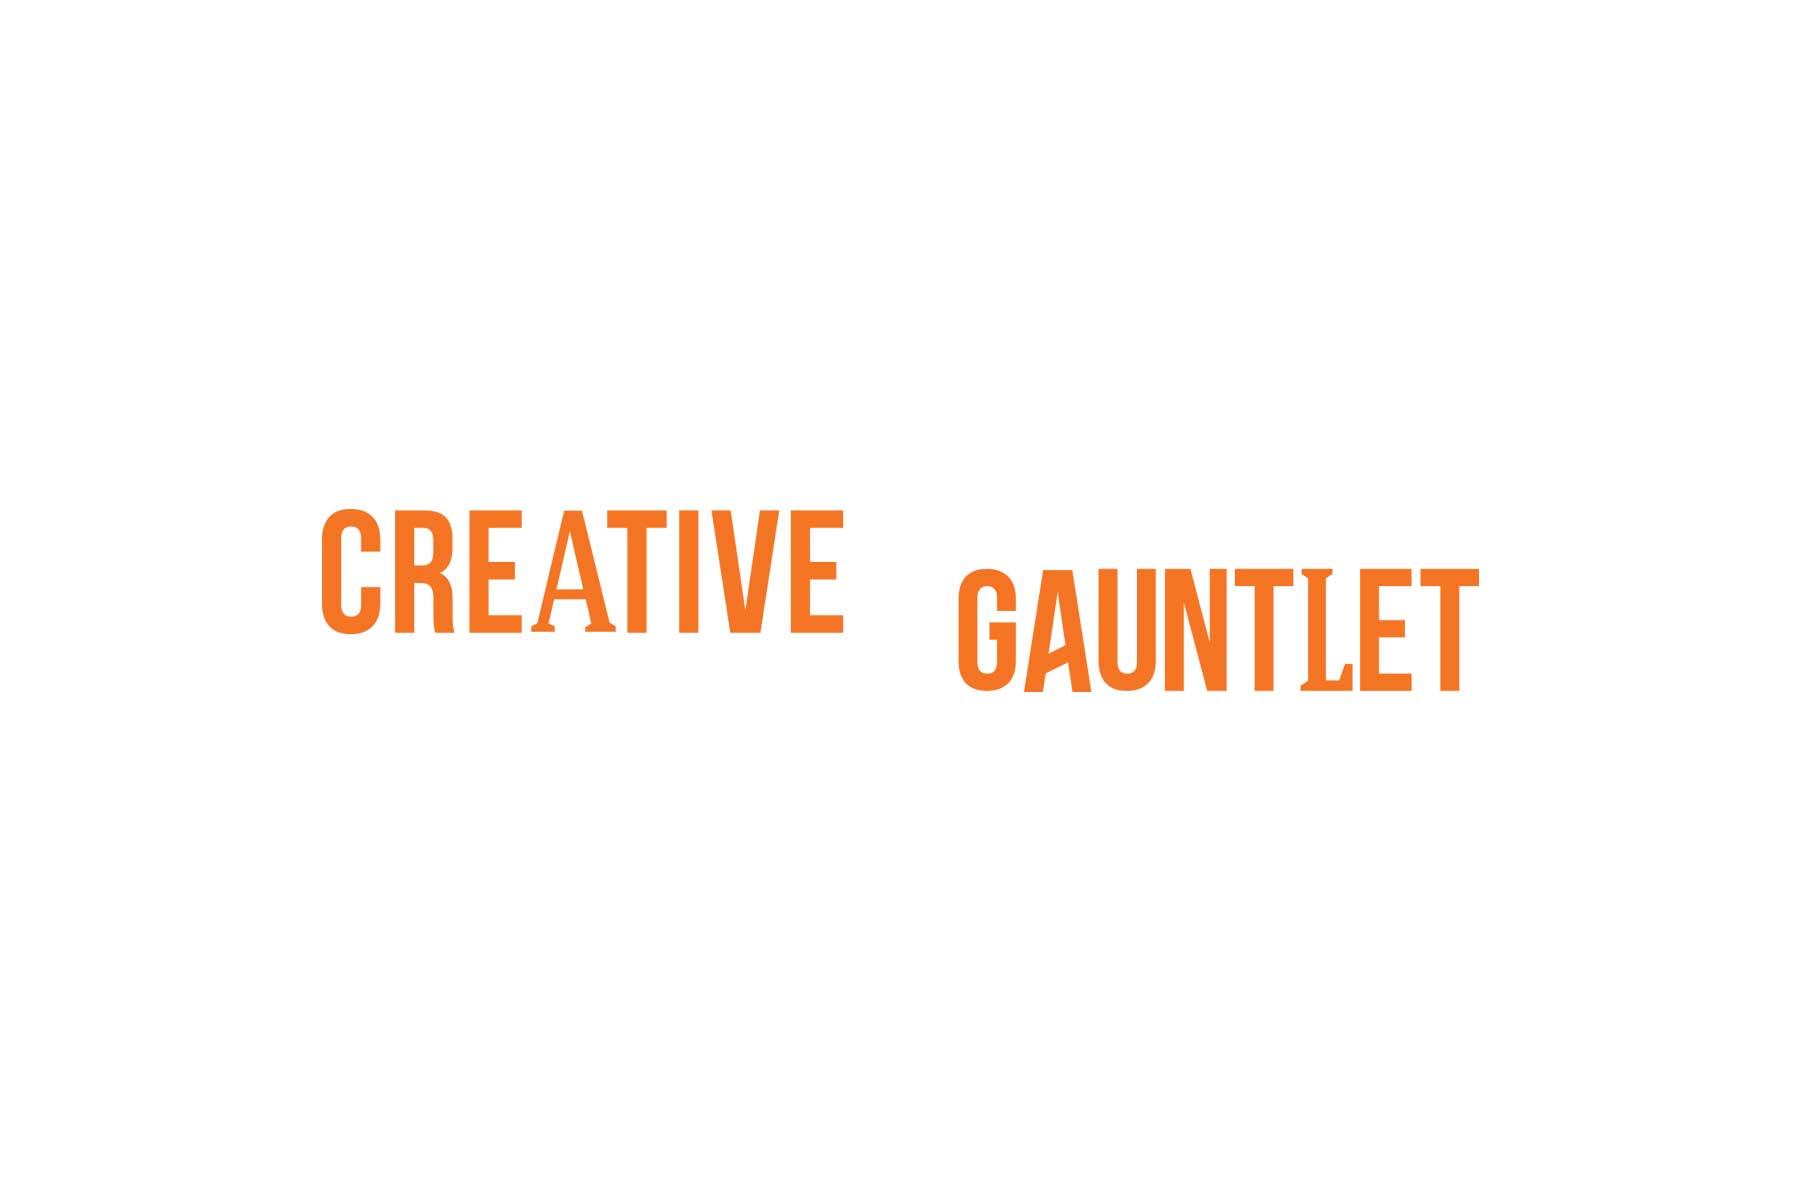 Creative Gauntlet